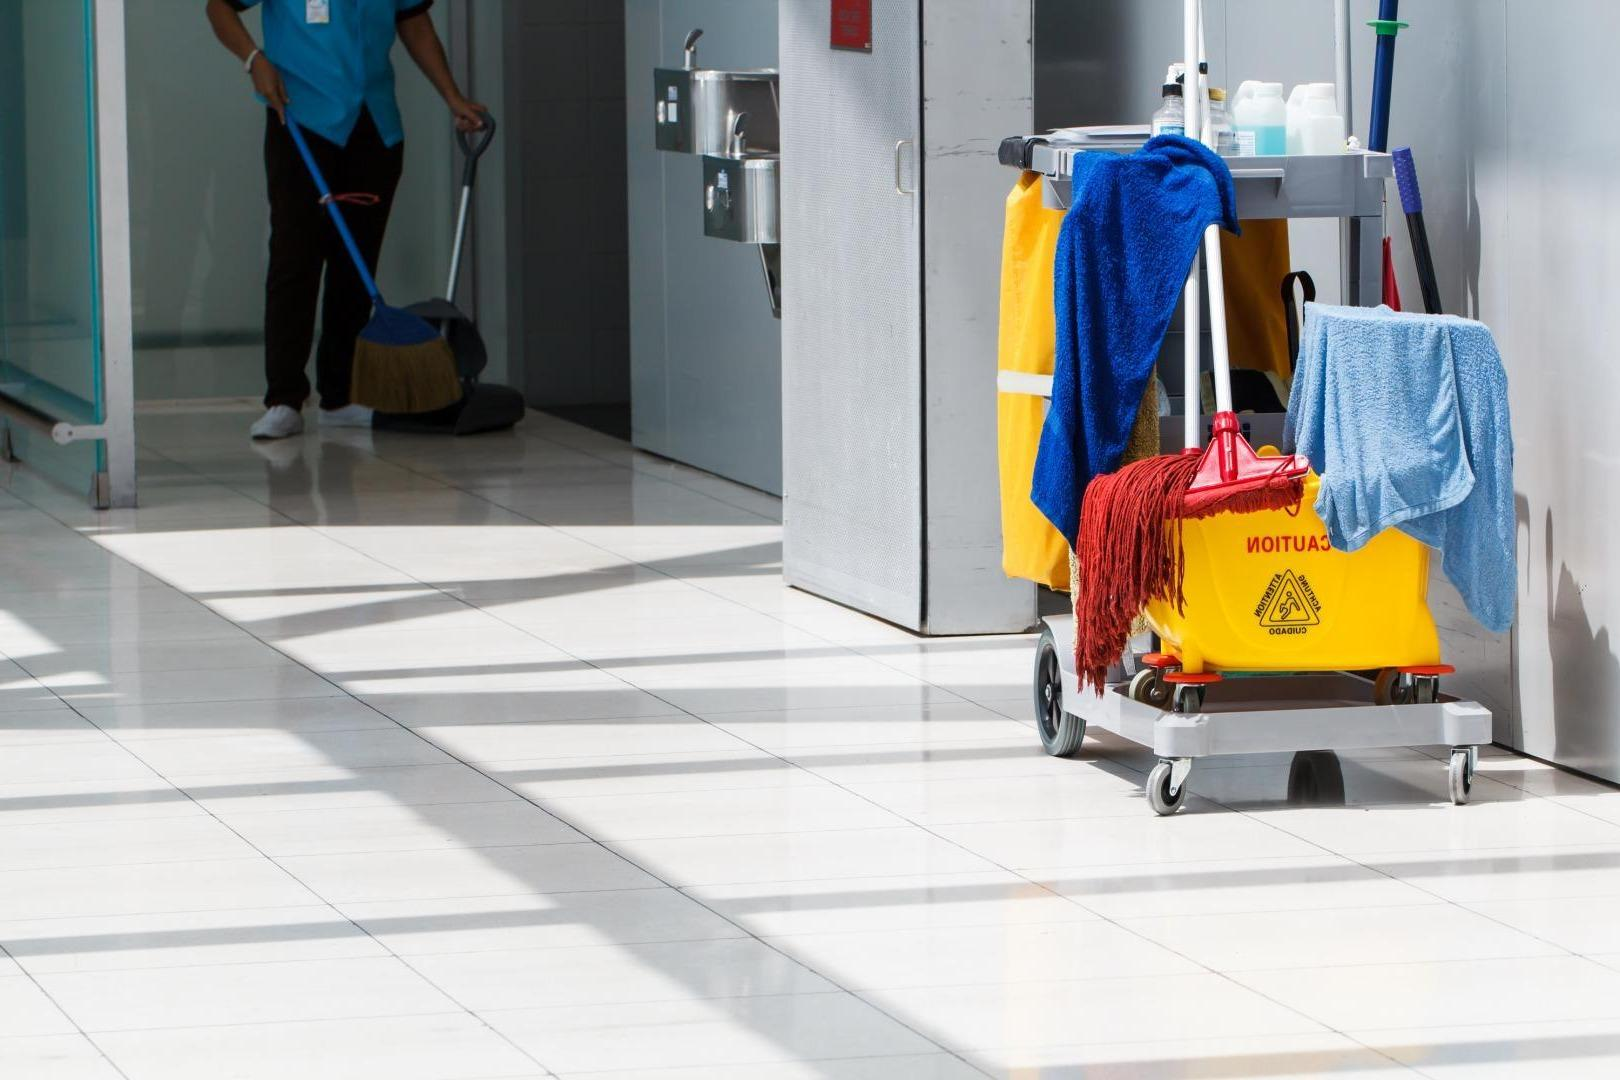 Entreprise de nettoyage : Pourquoi une entreprise de nettoyage est nécessaire ?